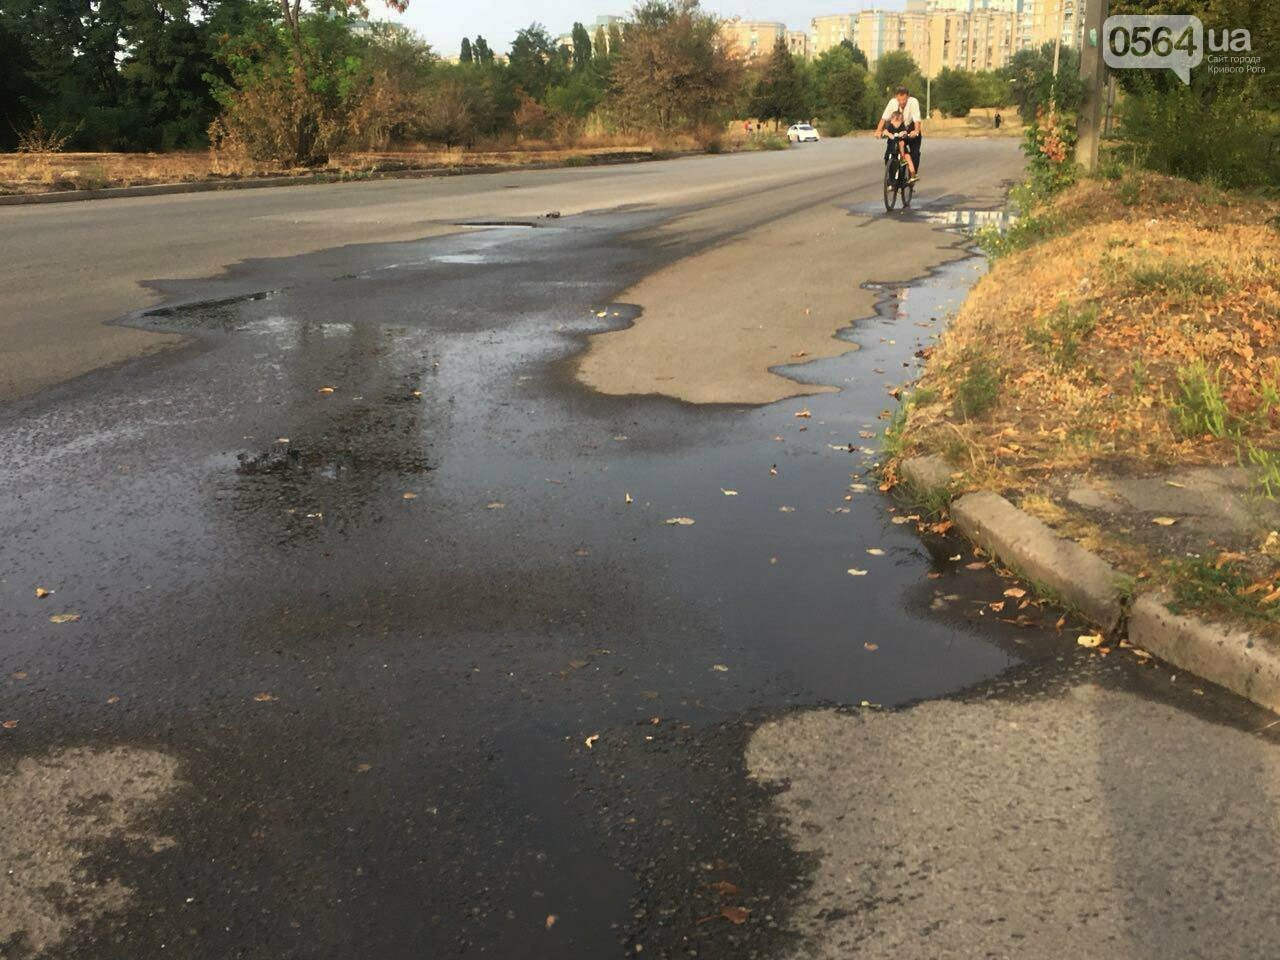 В Кривом Роге несколько дней заливает питьевой водой целый микрорайон, - ФОТО, ВИДЕО , фото-13